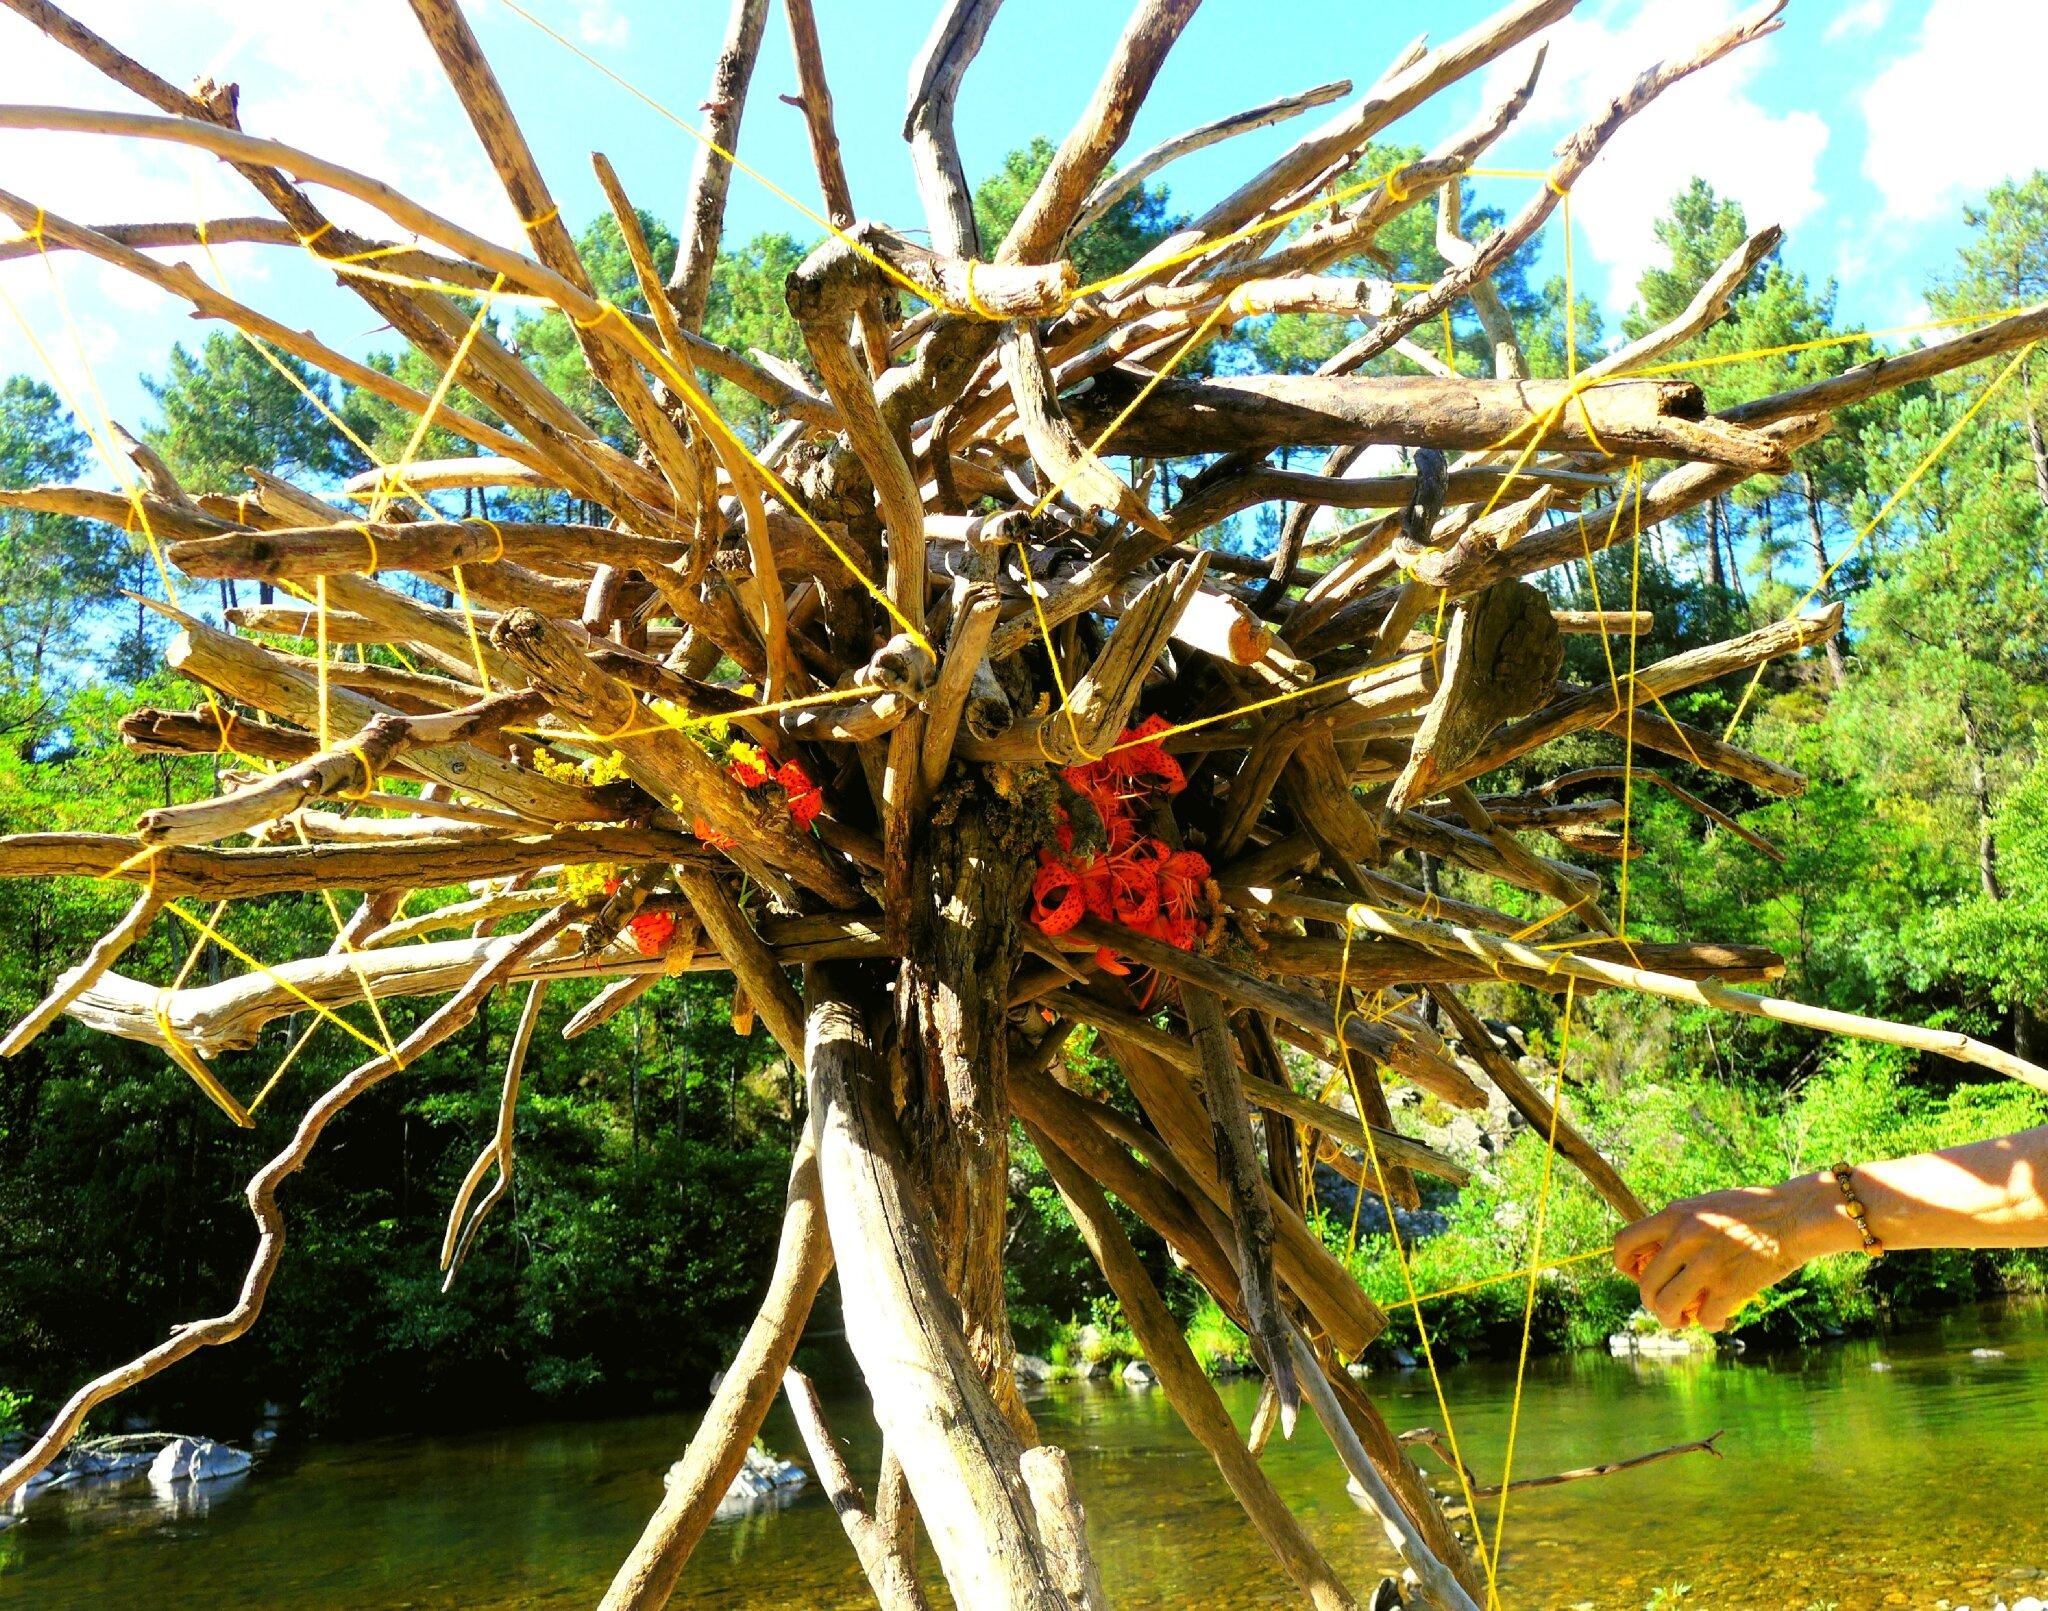 noeud de branches flottées yurtao